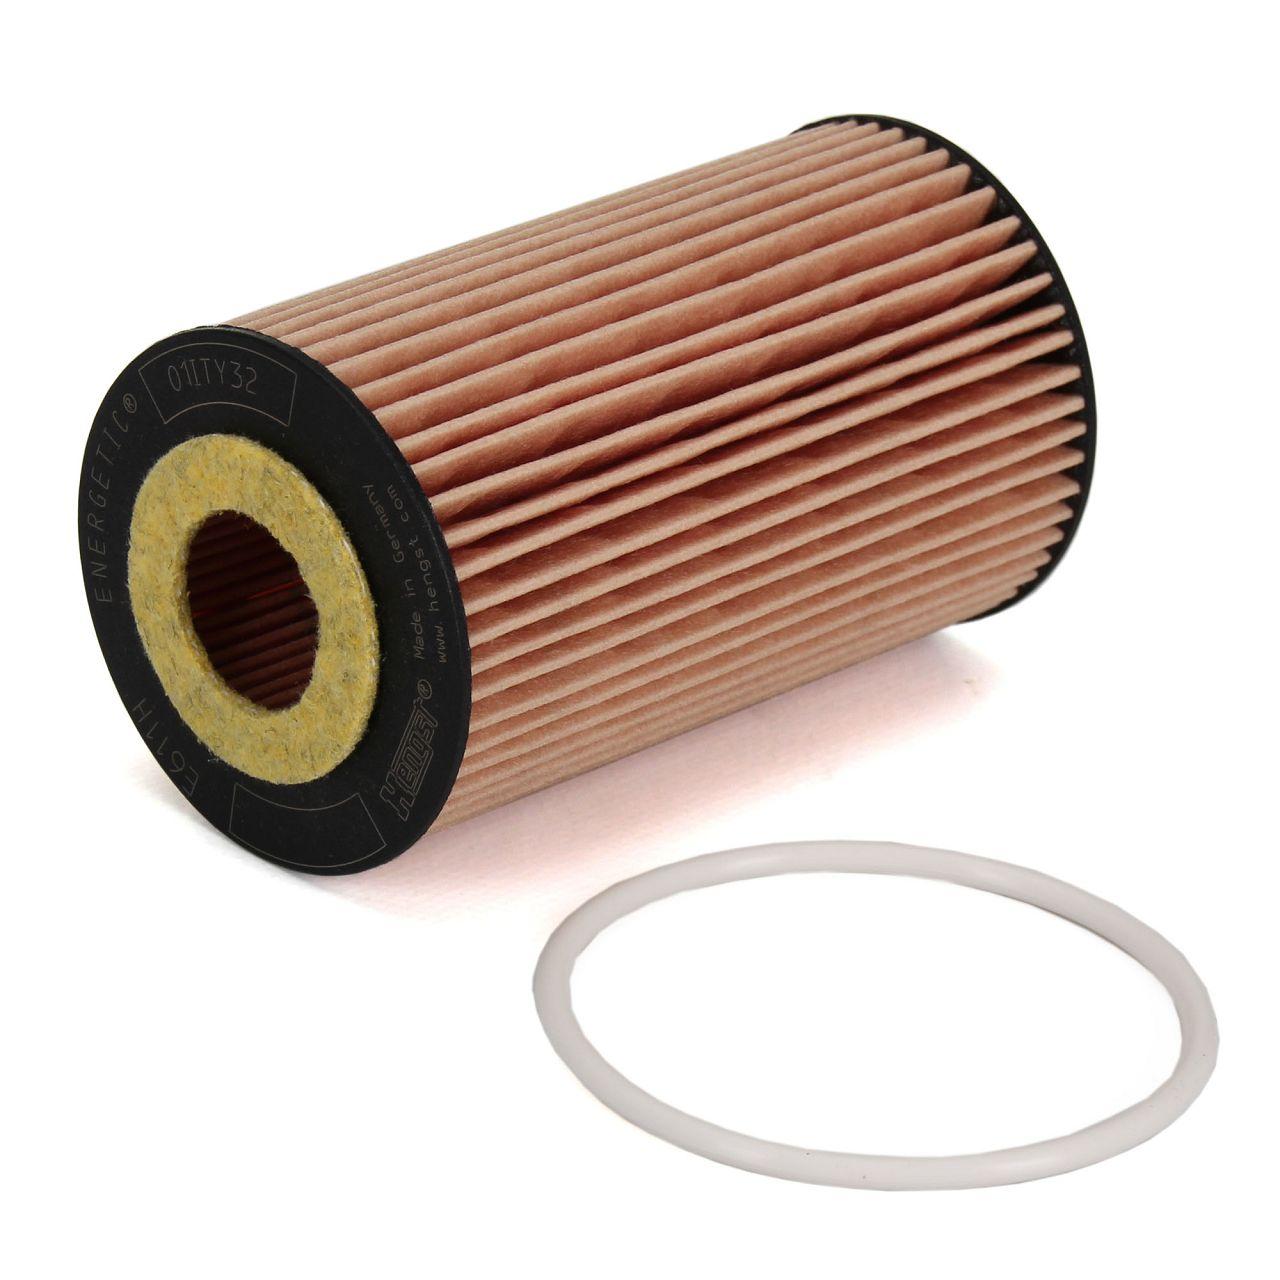 Filterpaket Filterset für Opel Corsa E 1.4/LPG 1.4Turbo 1.6Turbo OPC